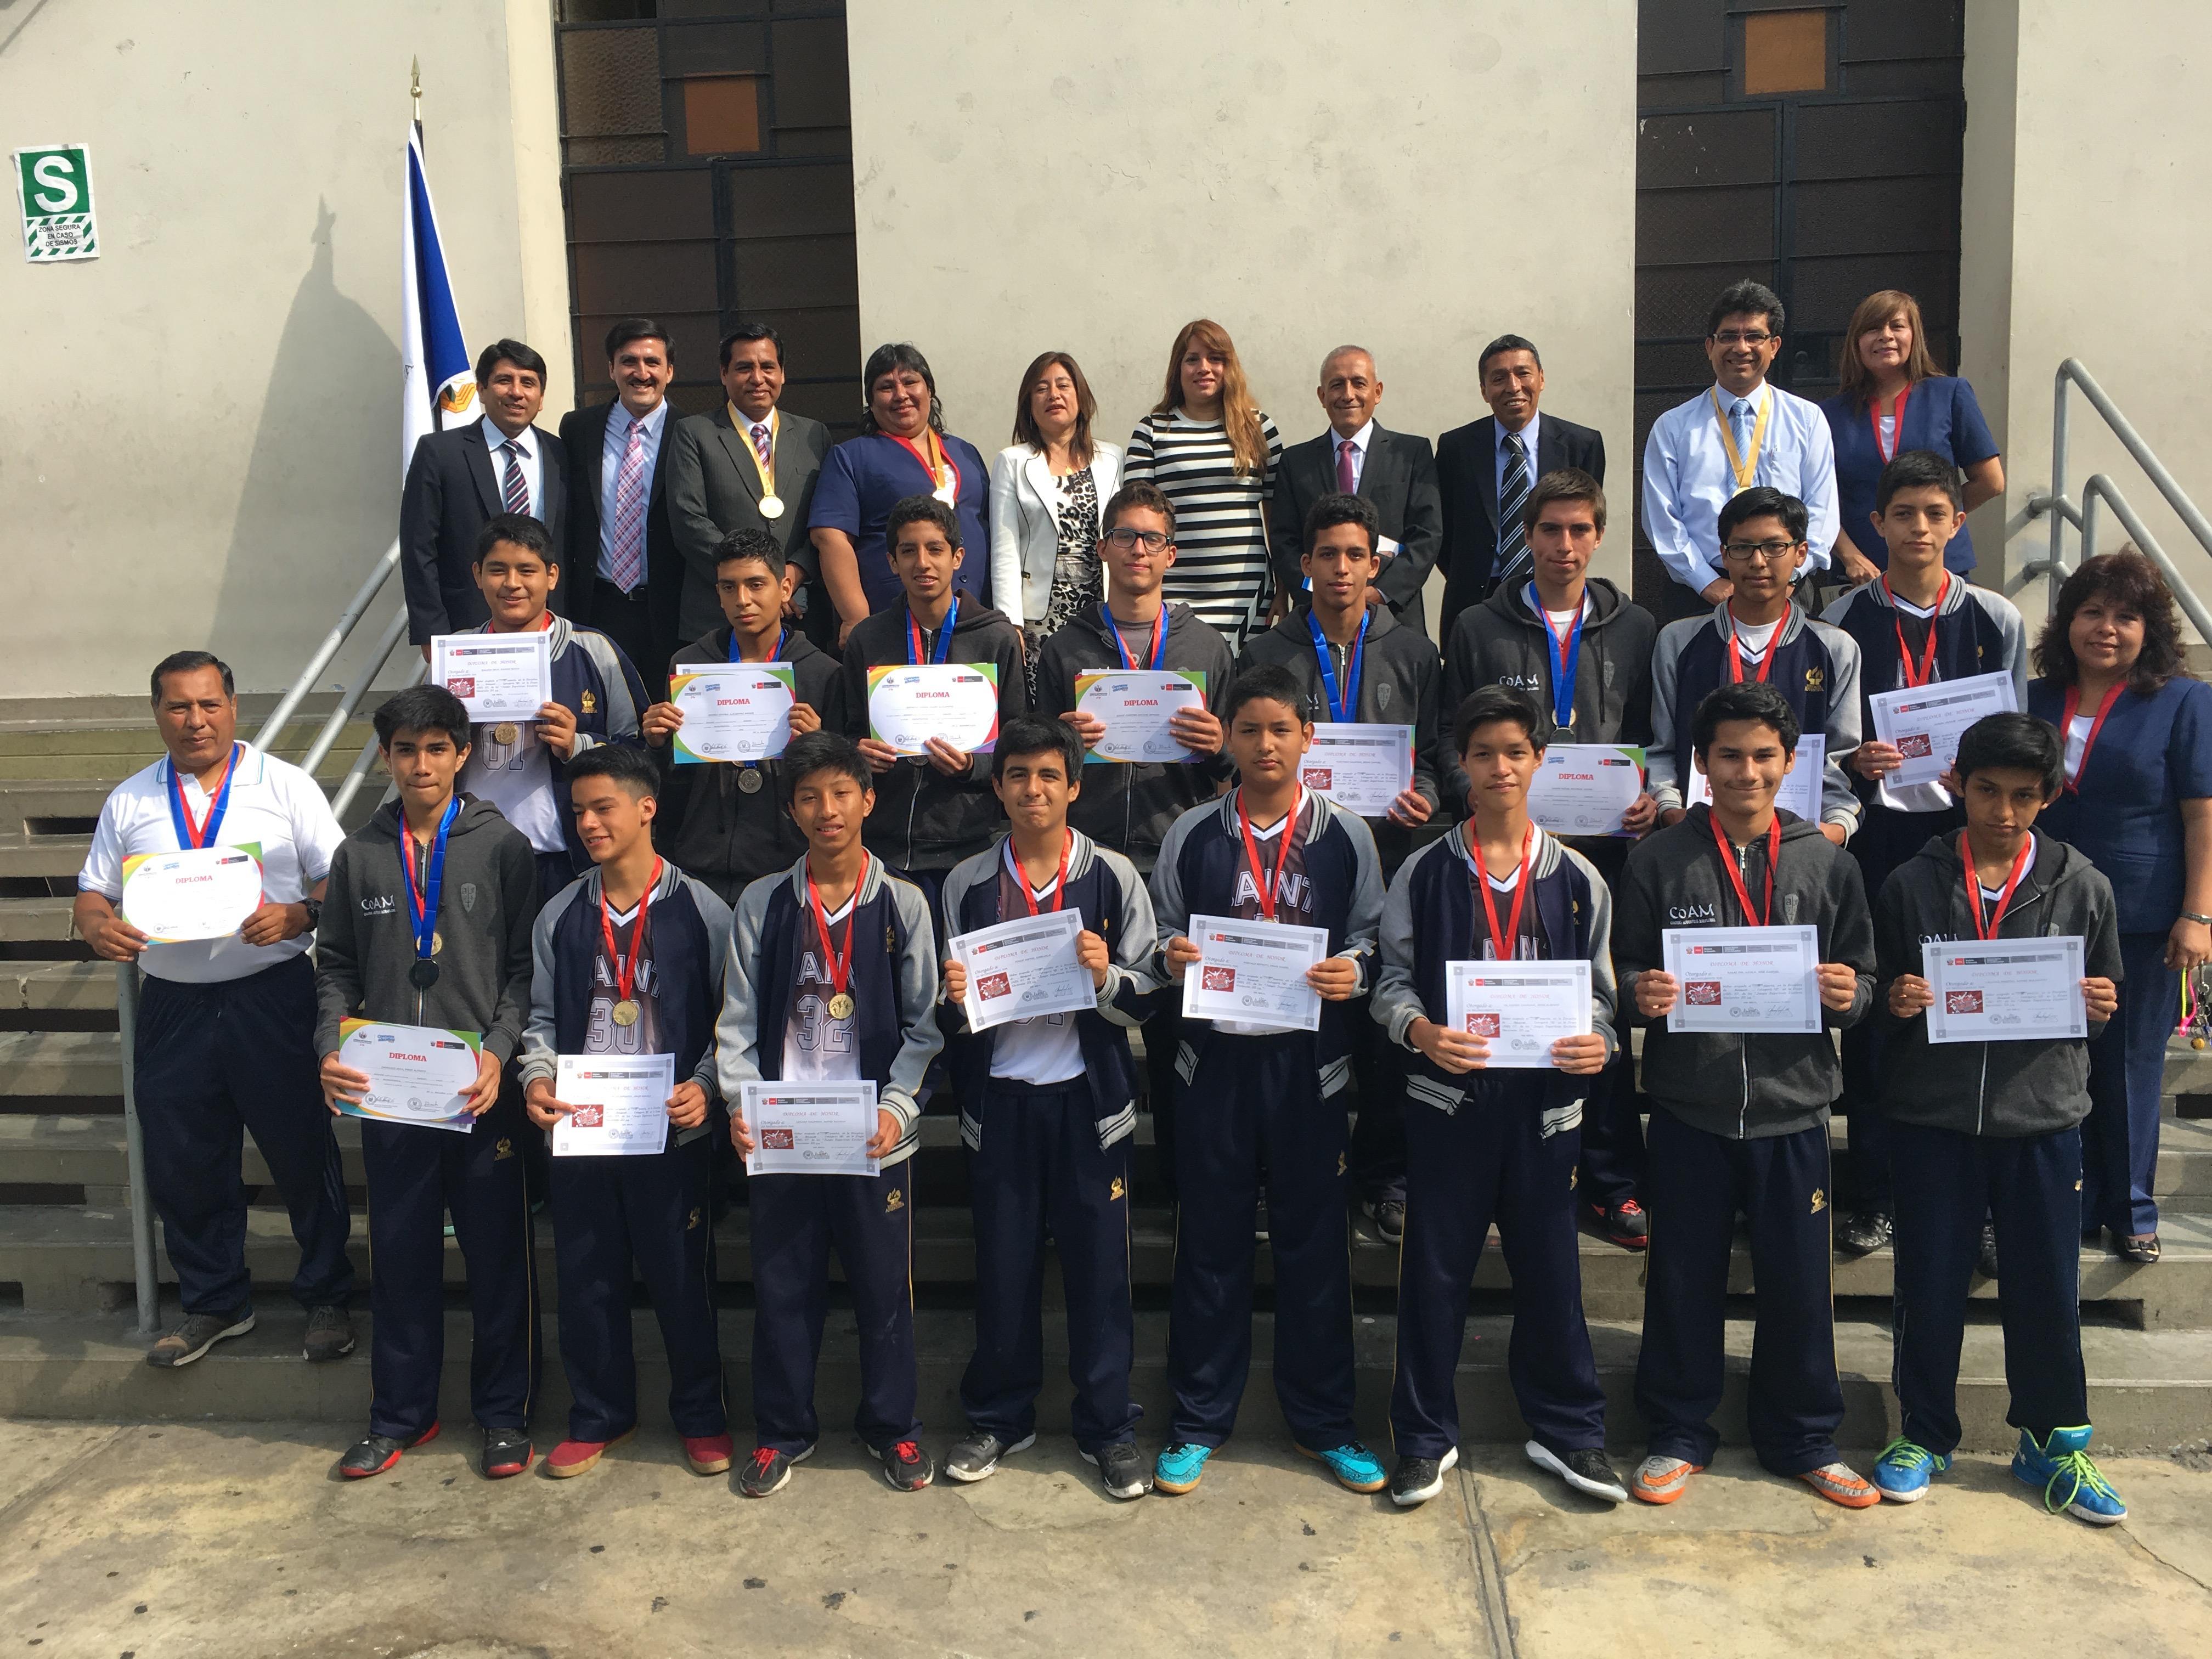 Grupo de escolares que obtuvieron el reconocimiento.